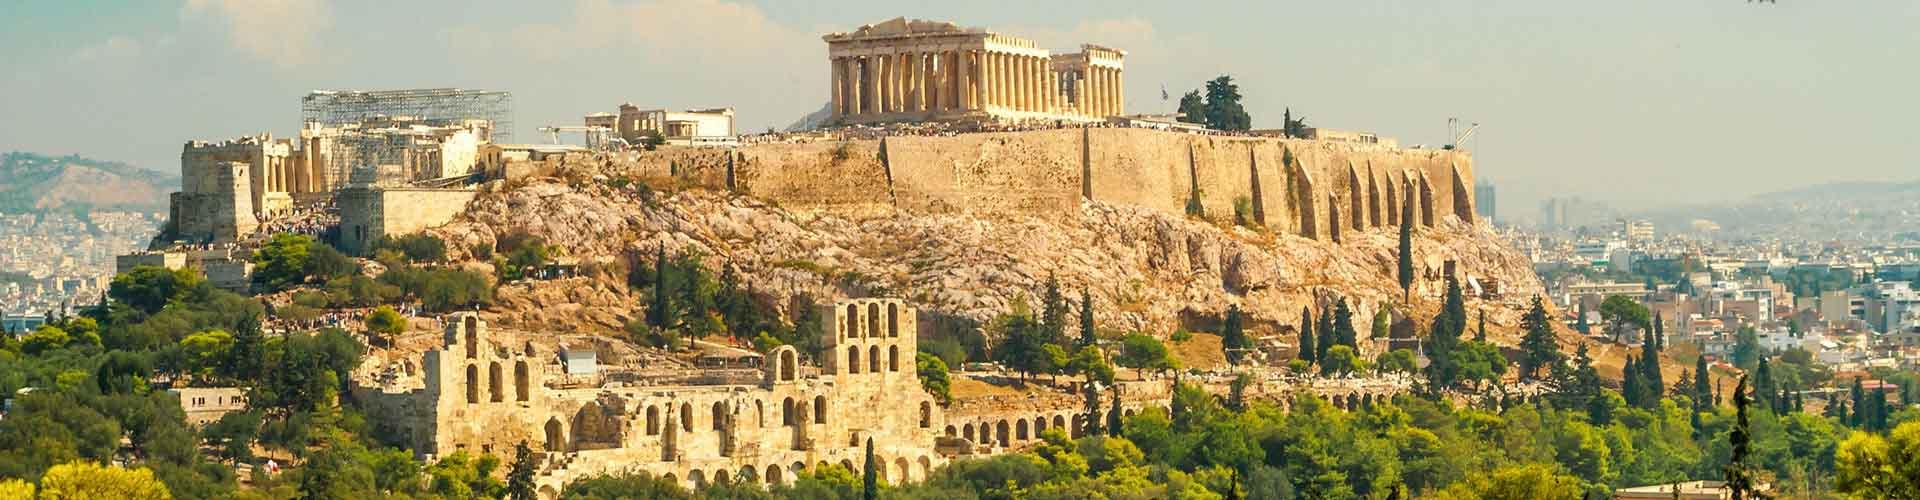 Athenes - Appartements dans le quartier de Exarcheia. Cartes pour Athenes, photos et commentaires pour chaque appartement à Athenes.